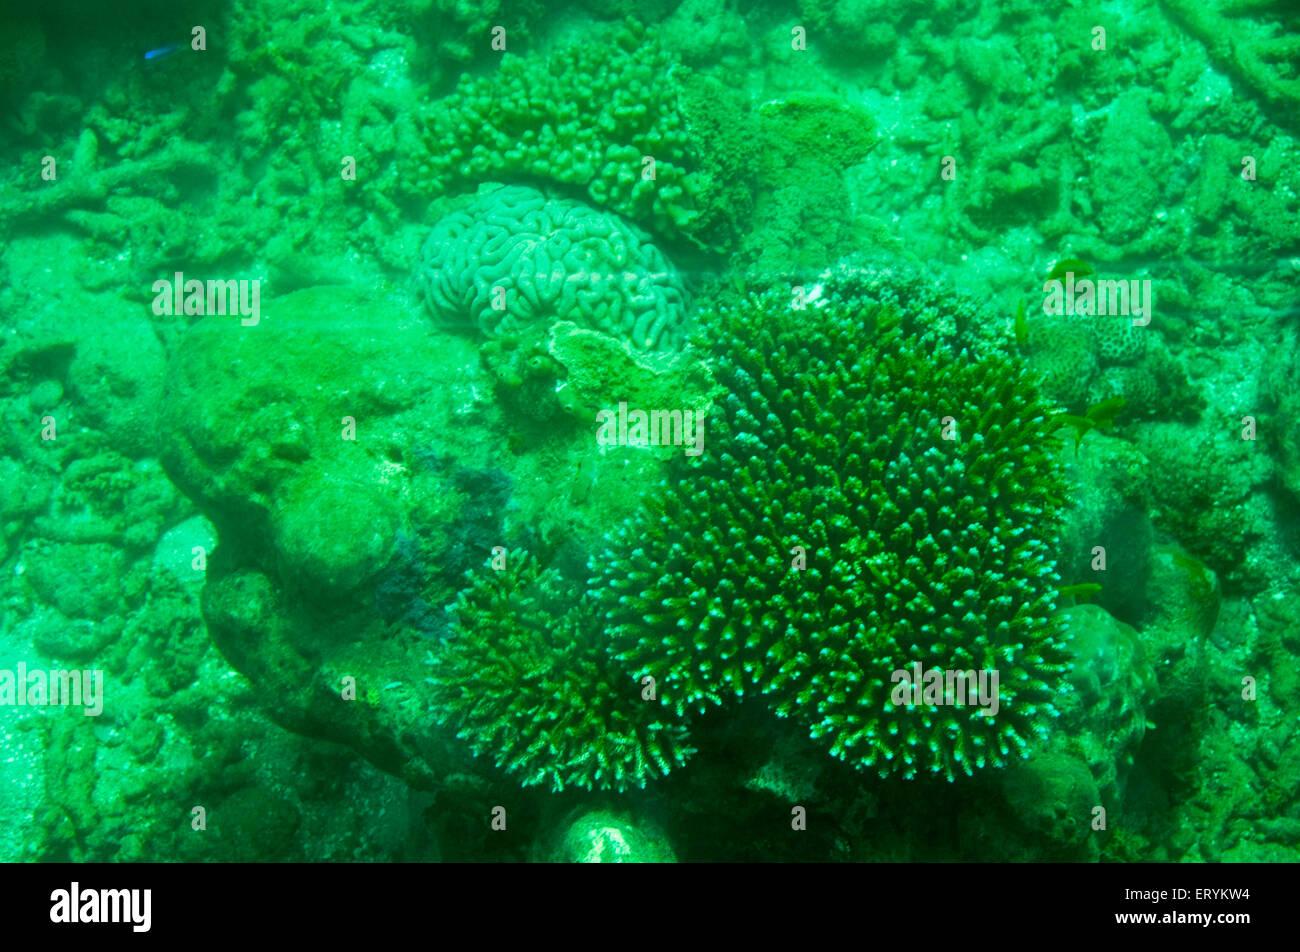 Coralli marini isopora curcaoensis e coralli molli a coral for Immagini coralli marini